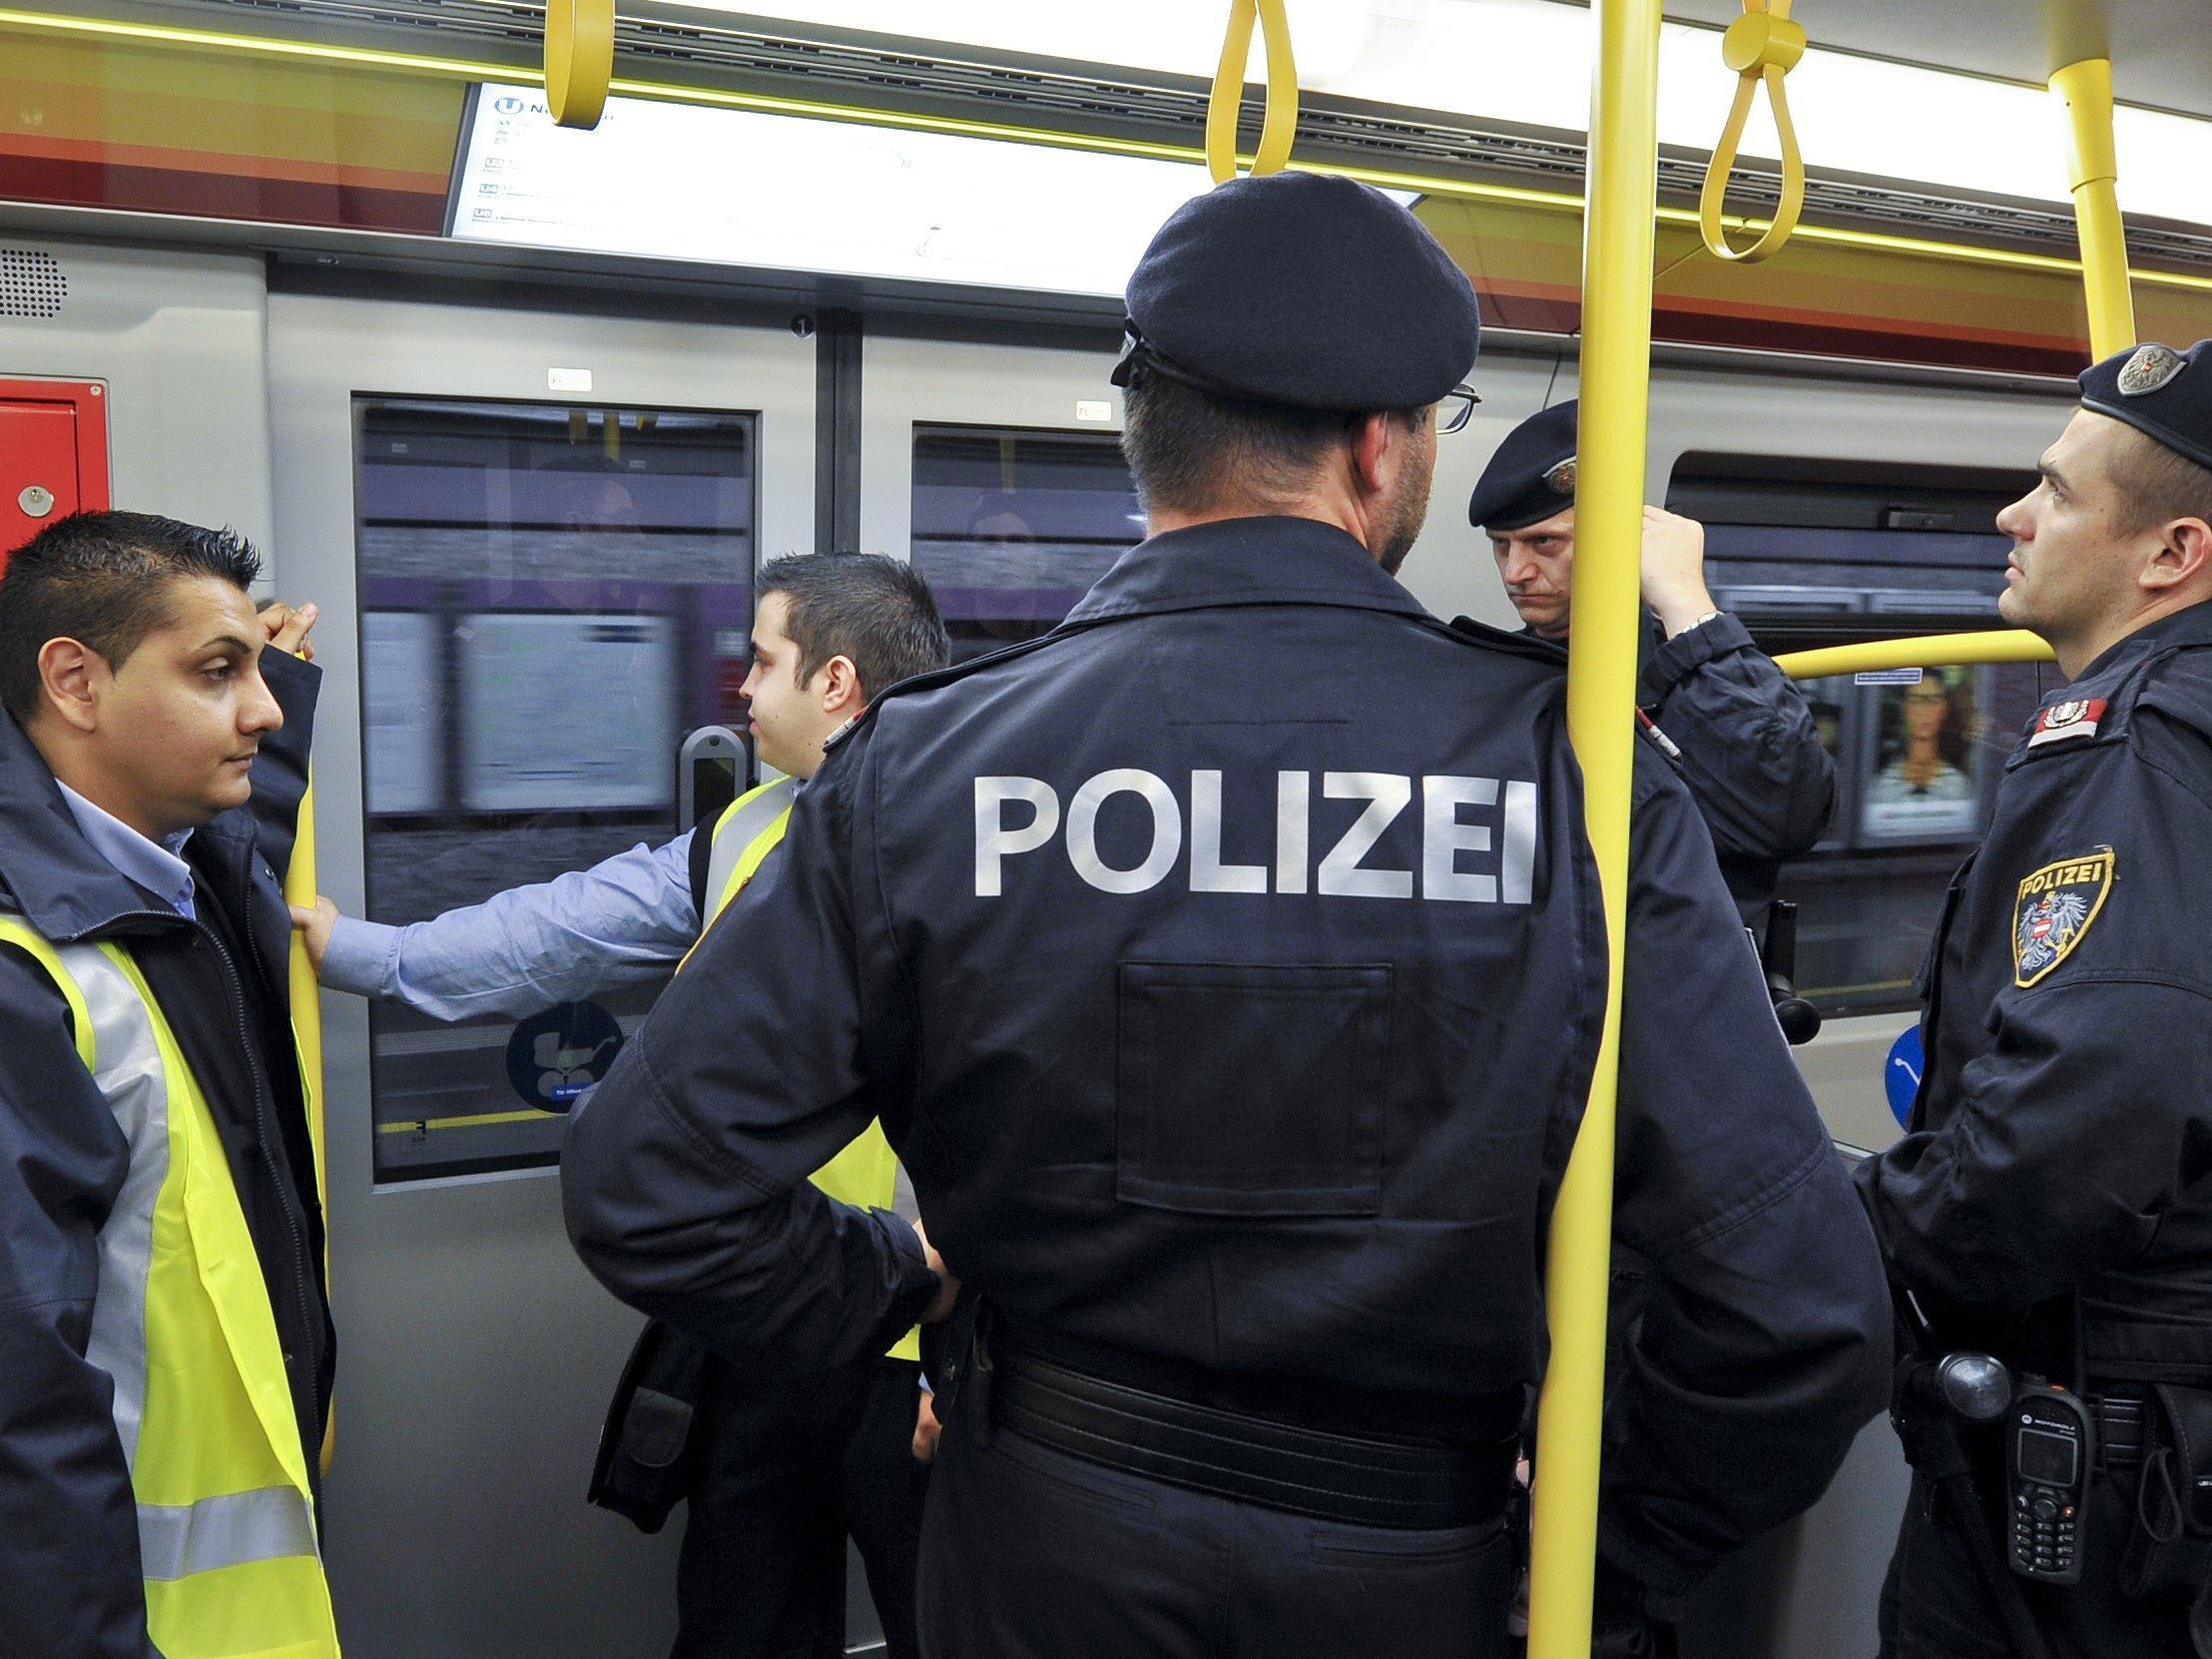 Mit der Gesetzesnovelle soll vor allem die Drogenproblematik entlang der U-Bahnlinie U6 bekämpft werden.